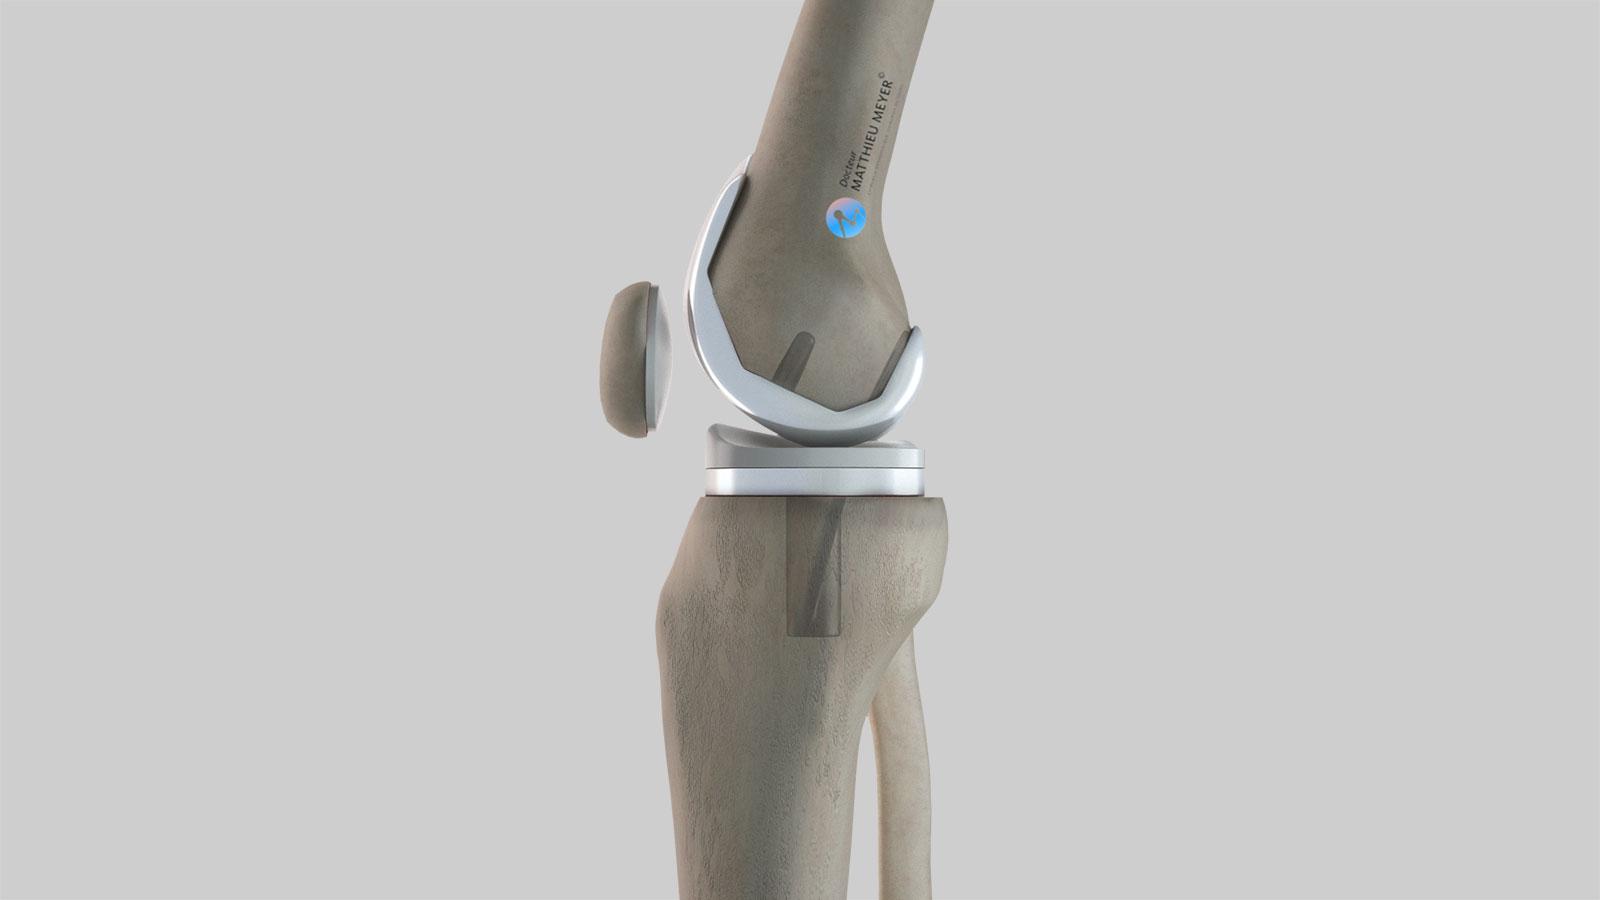 Prothèse totale de genou : vue de profil